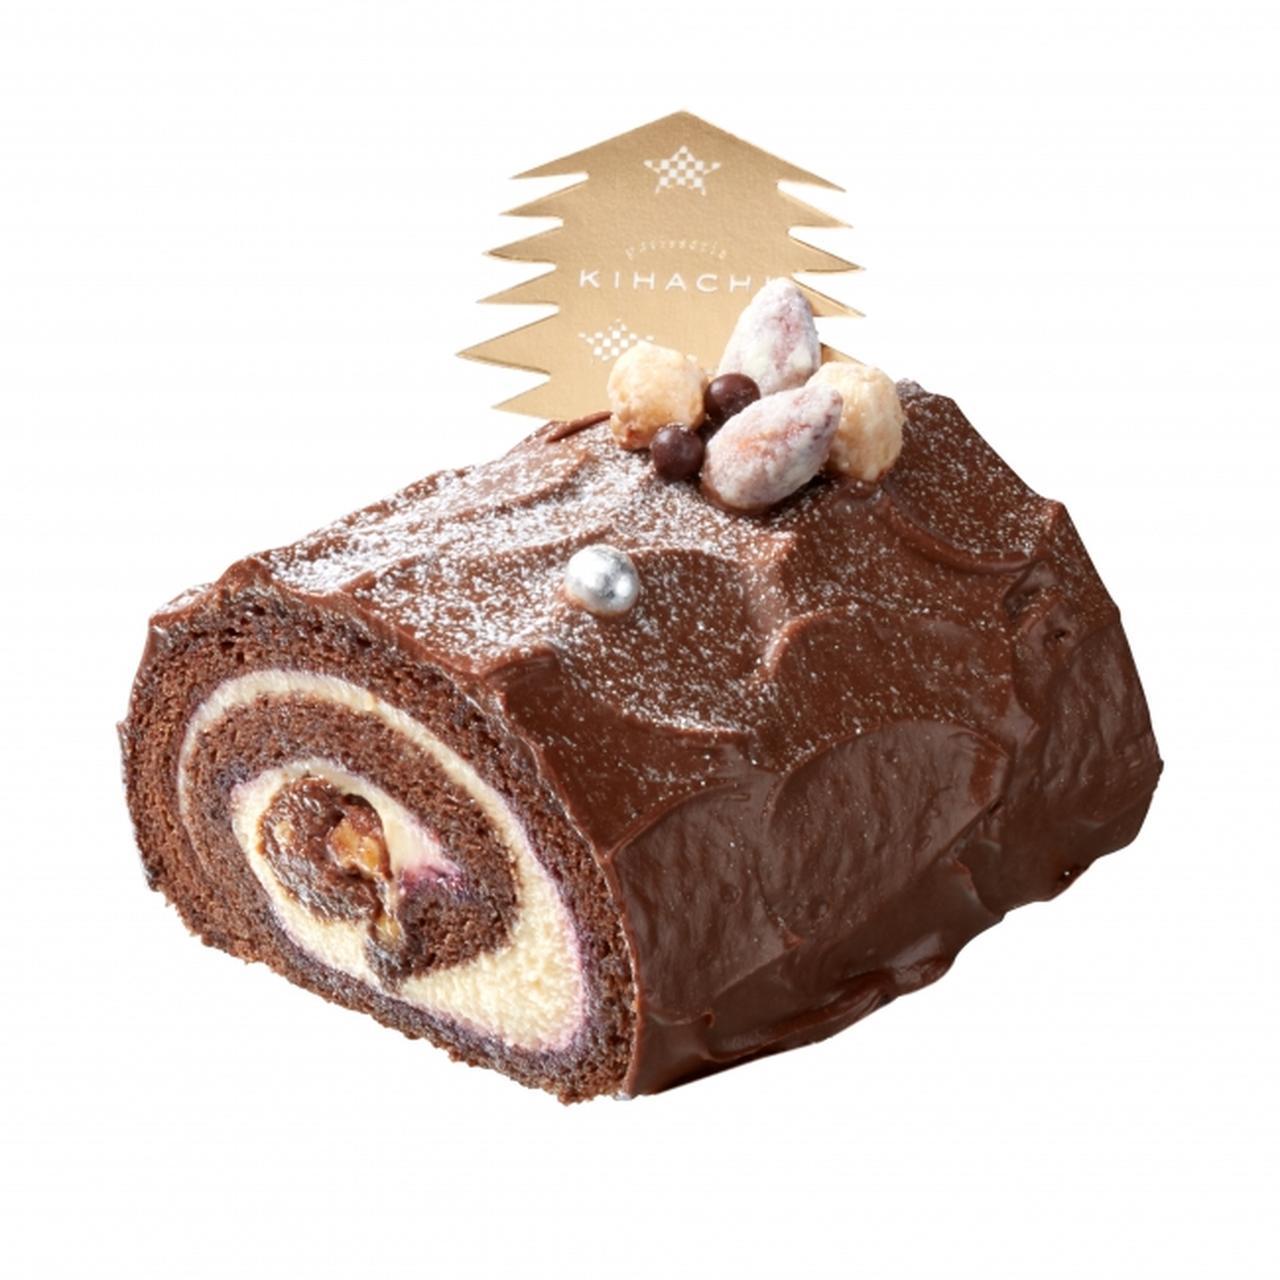 画像8: 【パティスリー キハチ】2019 クリスマスケーキ、限定ポーチに入った伝統菓子「シュトーレン」など可愛いクリスマスギフトも発売